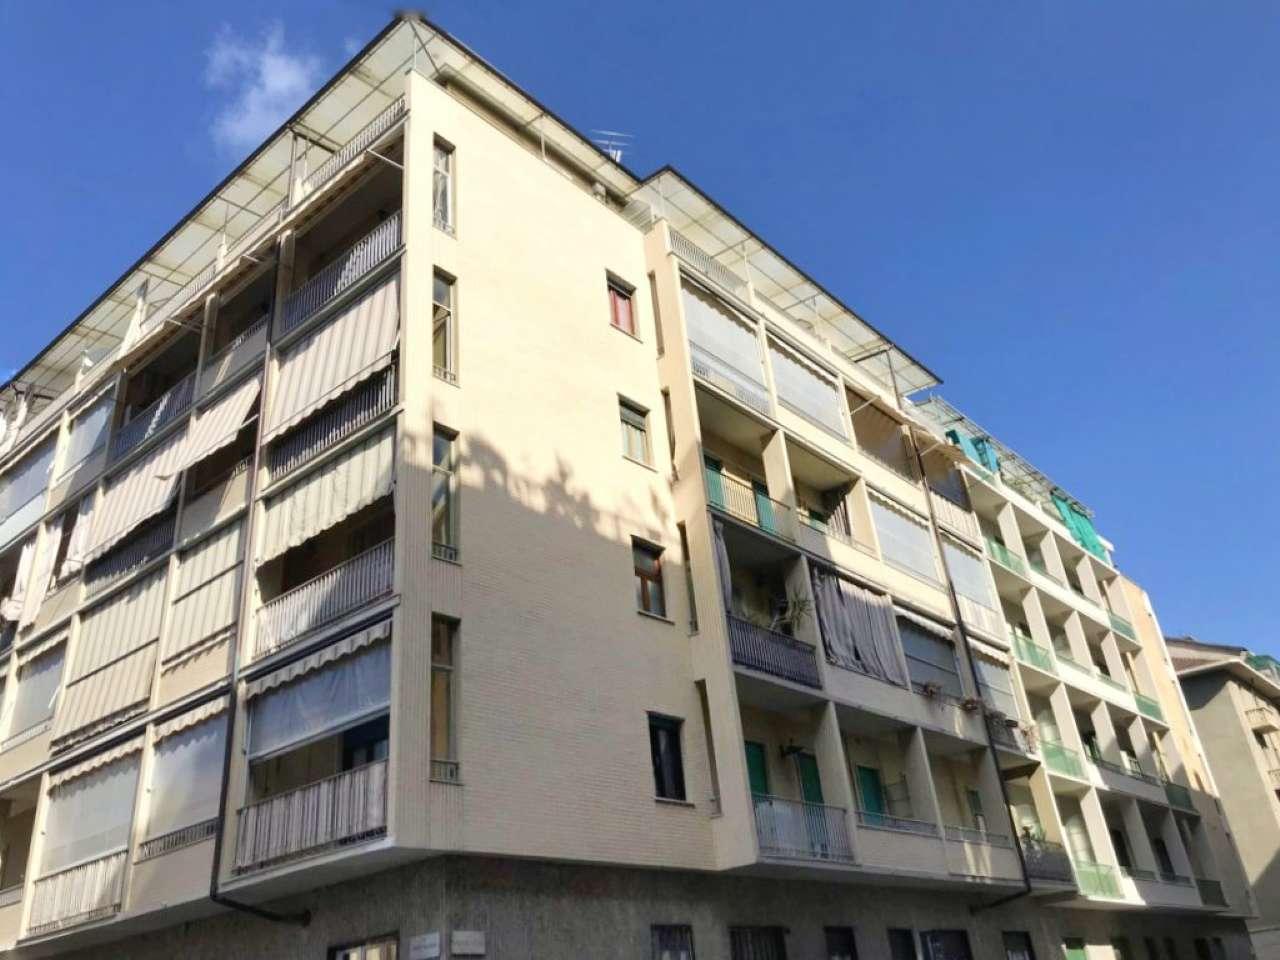 Foto 1 di Trilocale via Monte Rosa 105, Torino (zona Barriera Milano, Falchera, Barca-Bertolla)